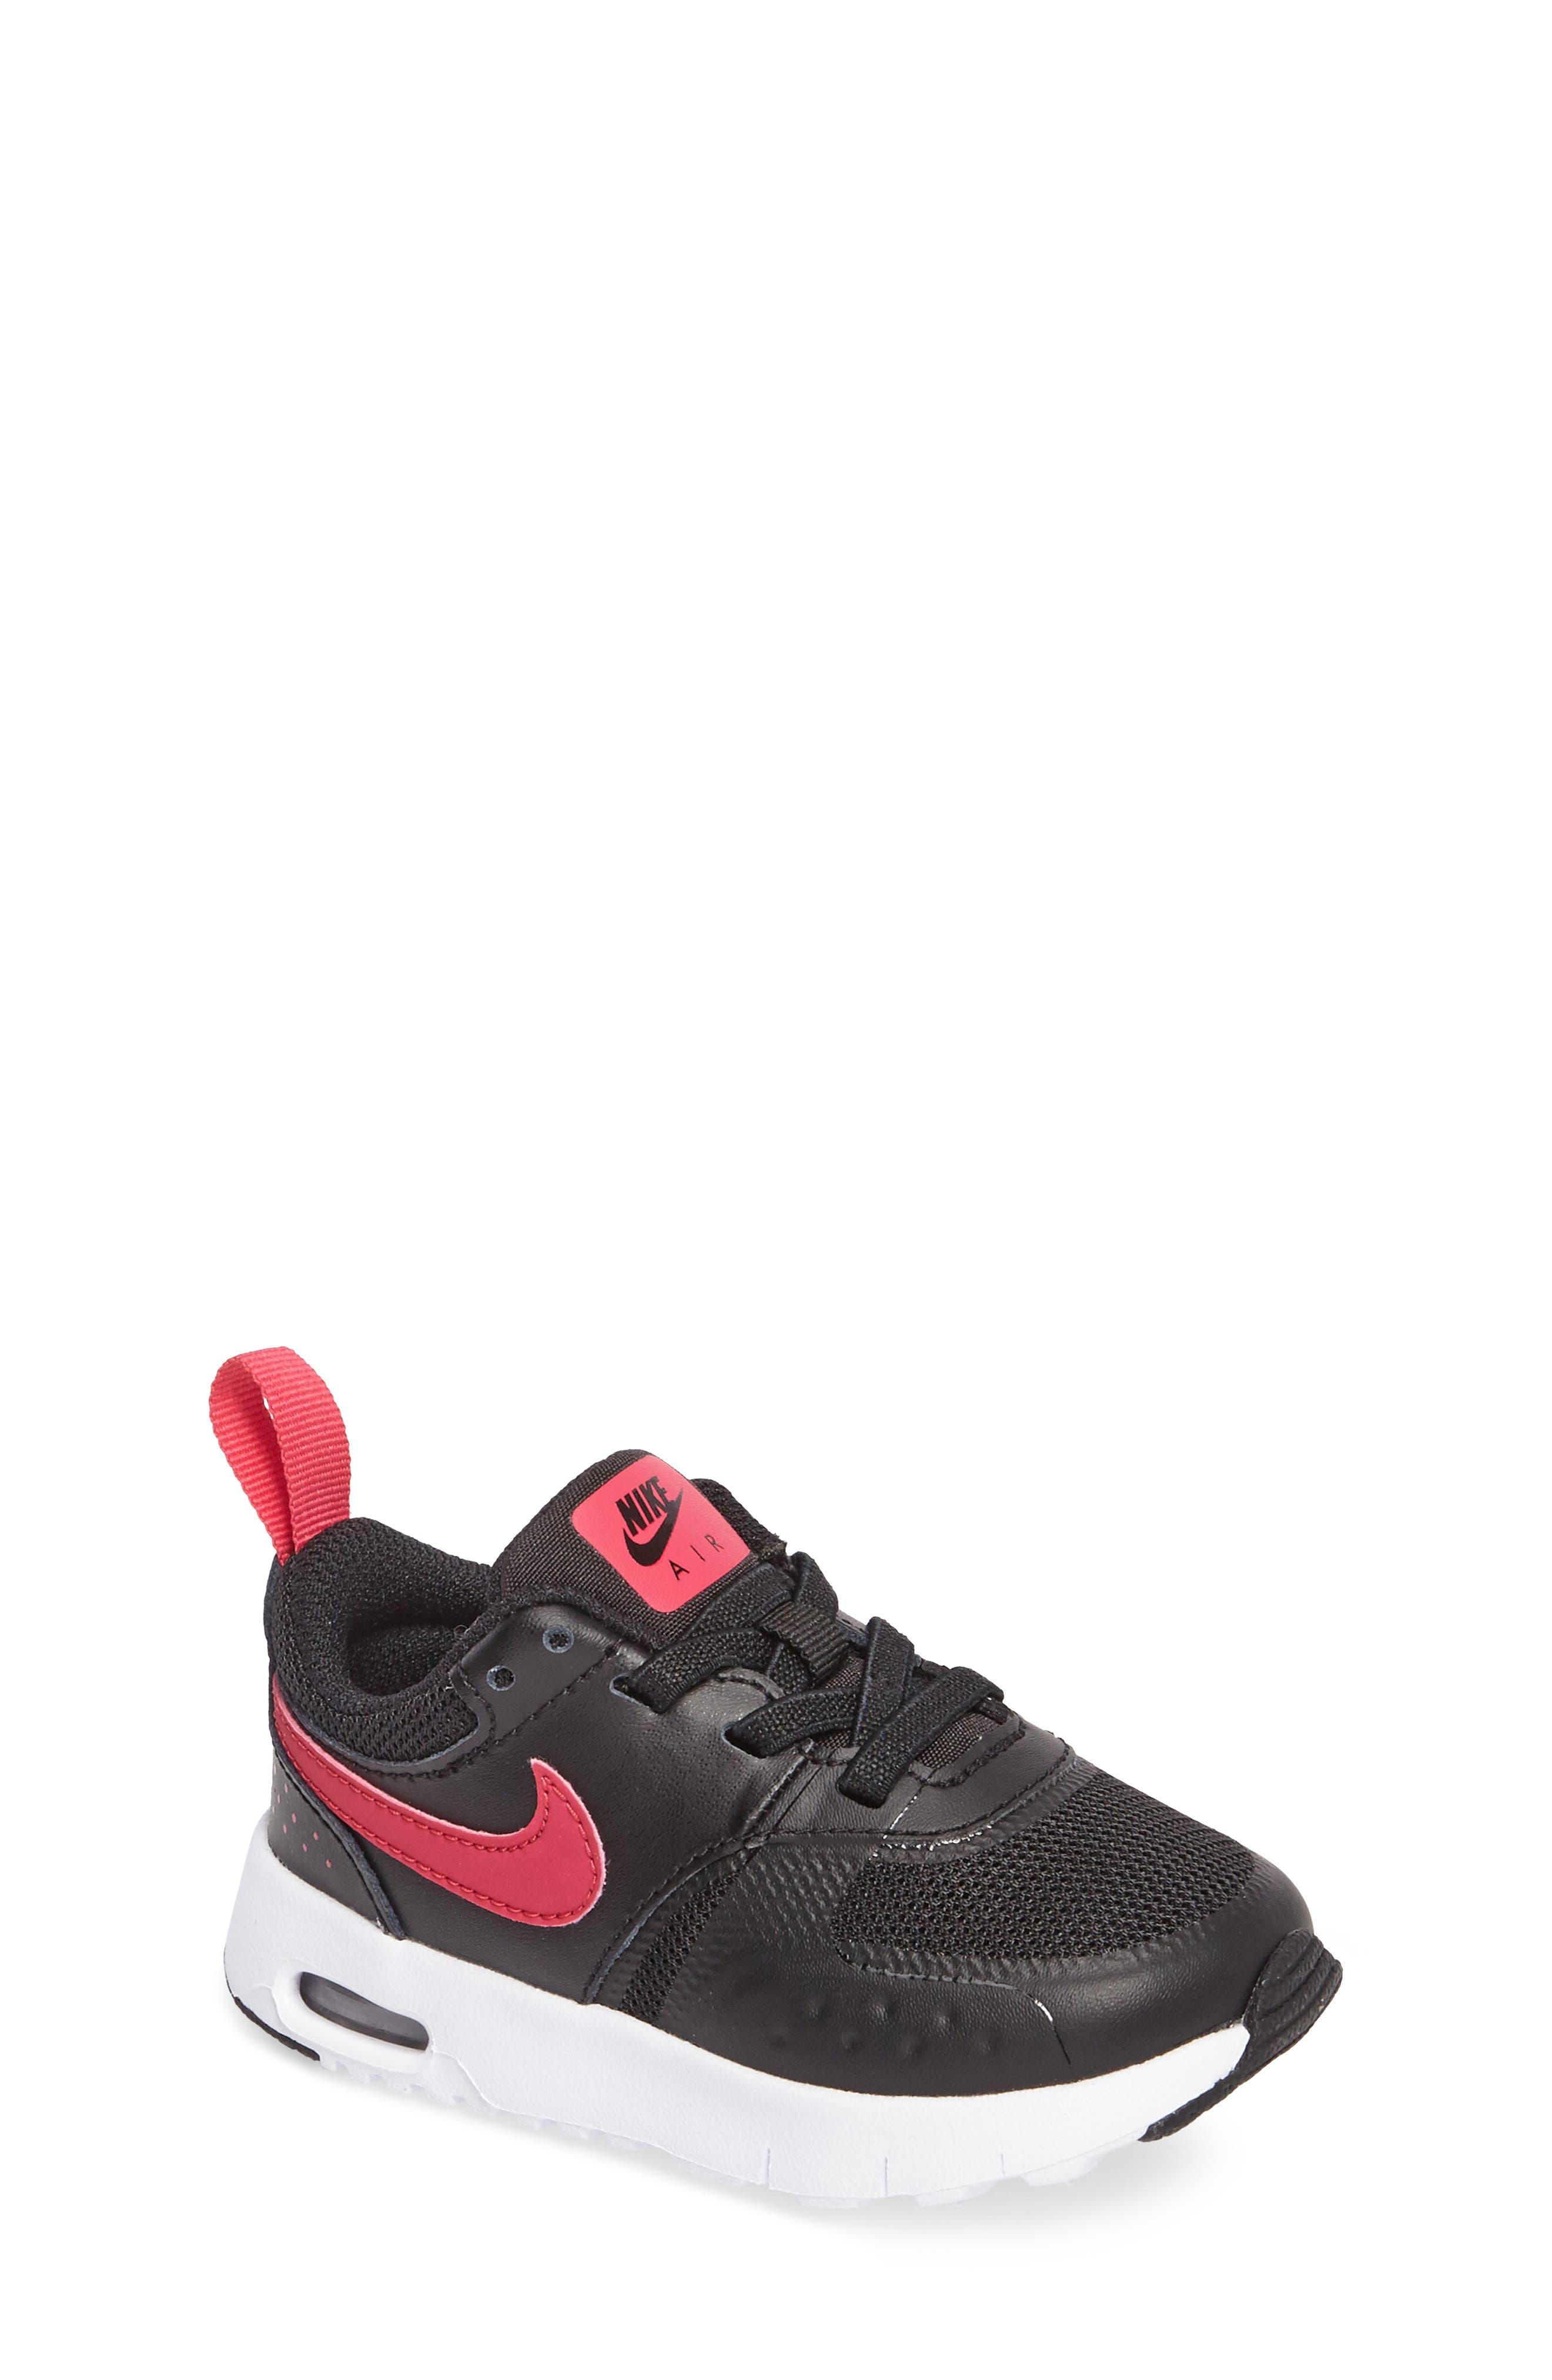 Nike Air Max Vision TDE Sneaker (Baby, Walker & Toddler)